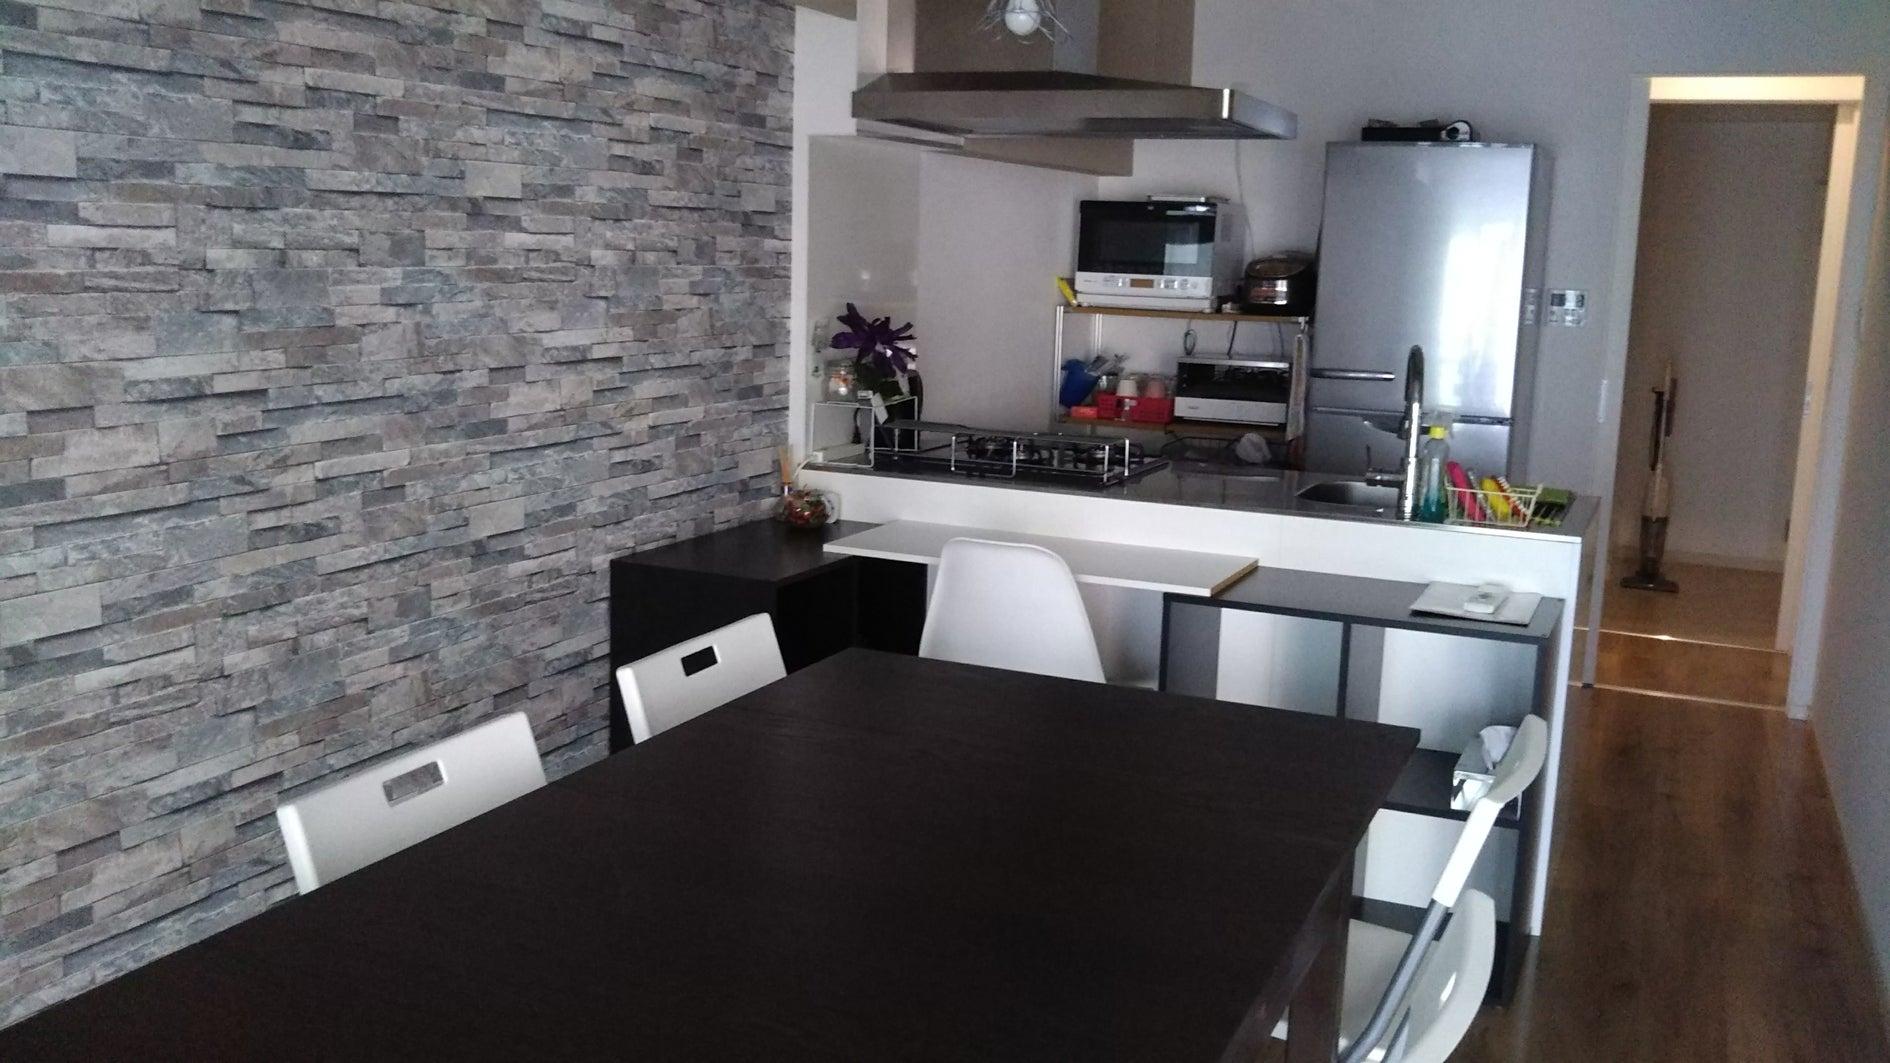 便利な江坂で、キッチン付き自宅のように使える素敵な少人数におすすめの多目的スペースです。(「s_ rocket _space _S」 吹田市/ 江坂/ チサンマンション第1江坂 704号 ) の写真0